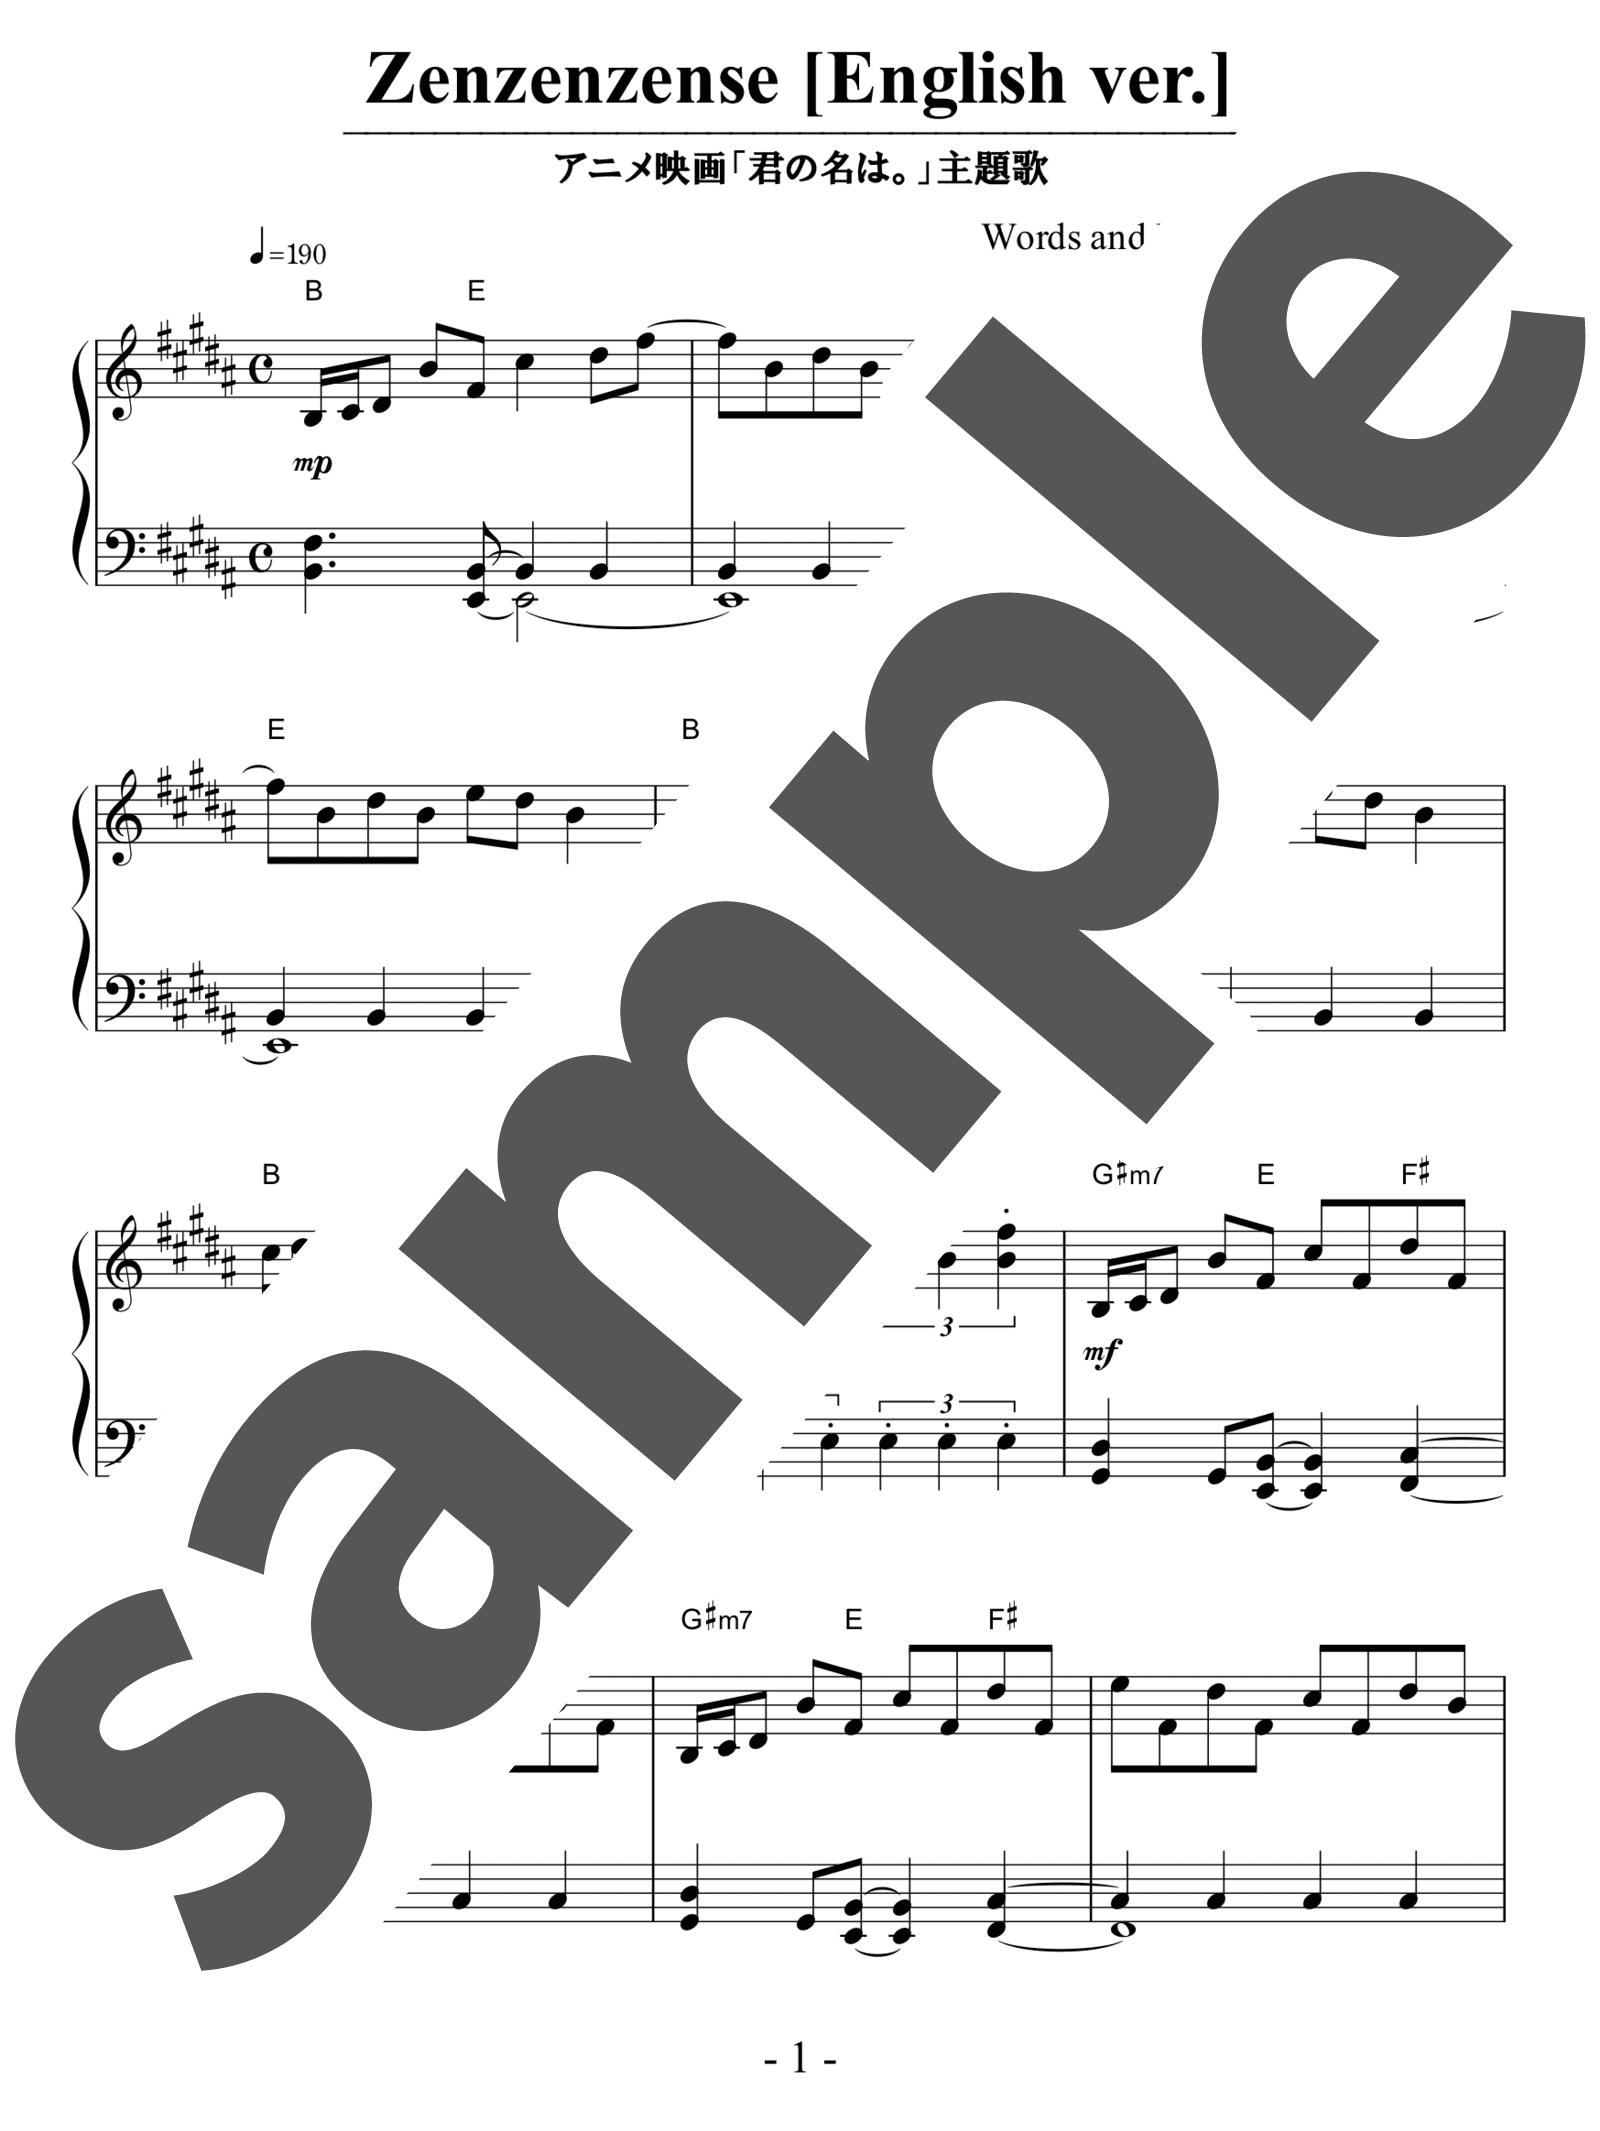 「Zenzenzense」のサンプル楽譜